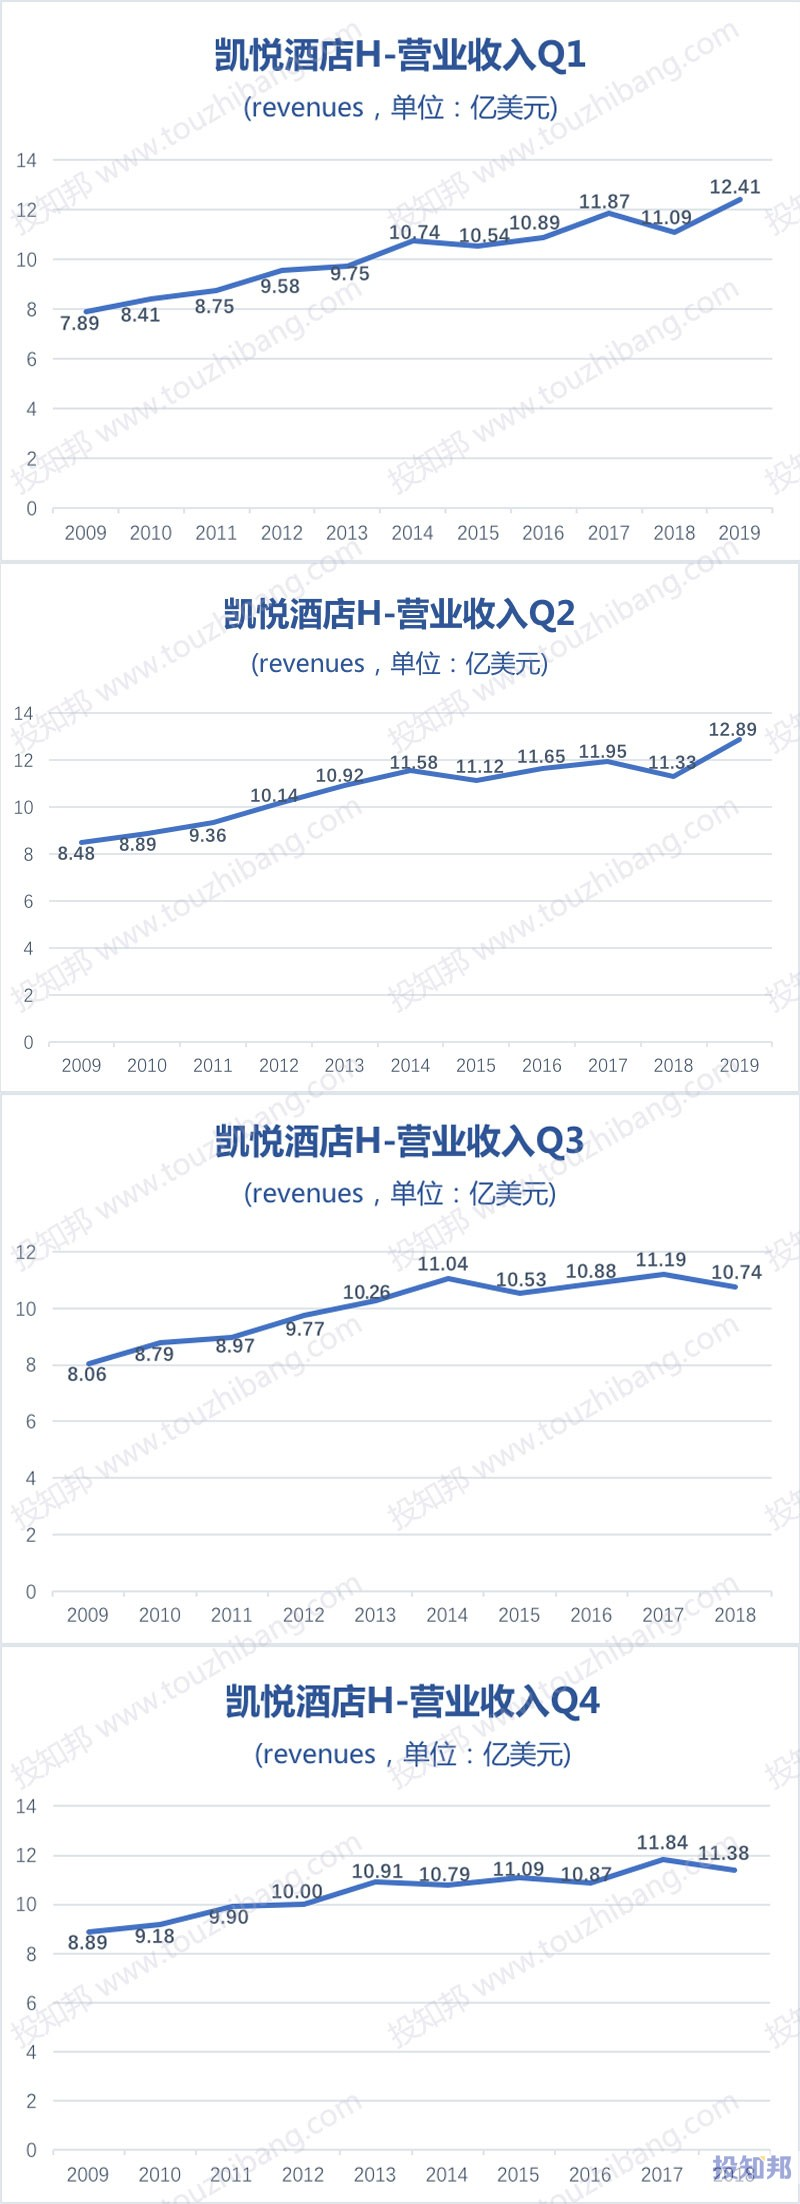 图解凯悦酒店(H)财报数据(2009年~2019年Q2)